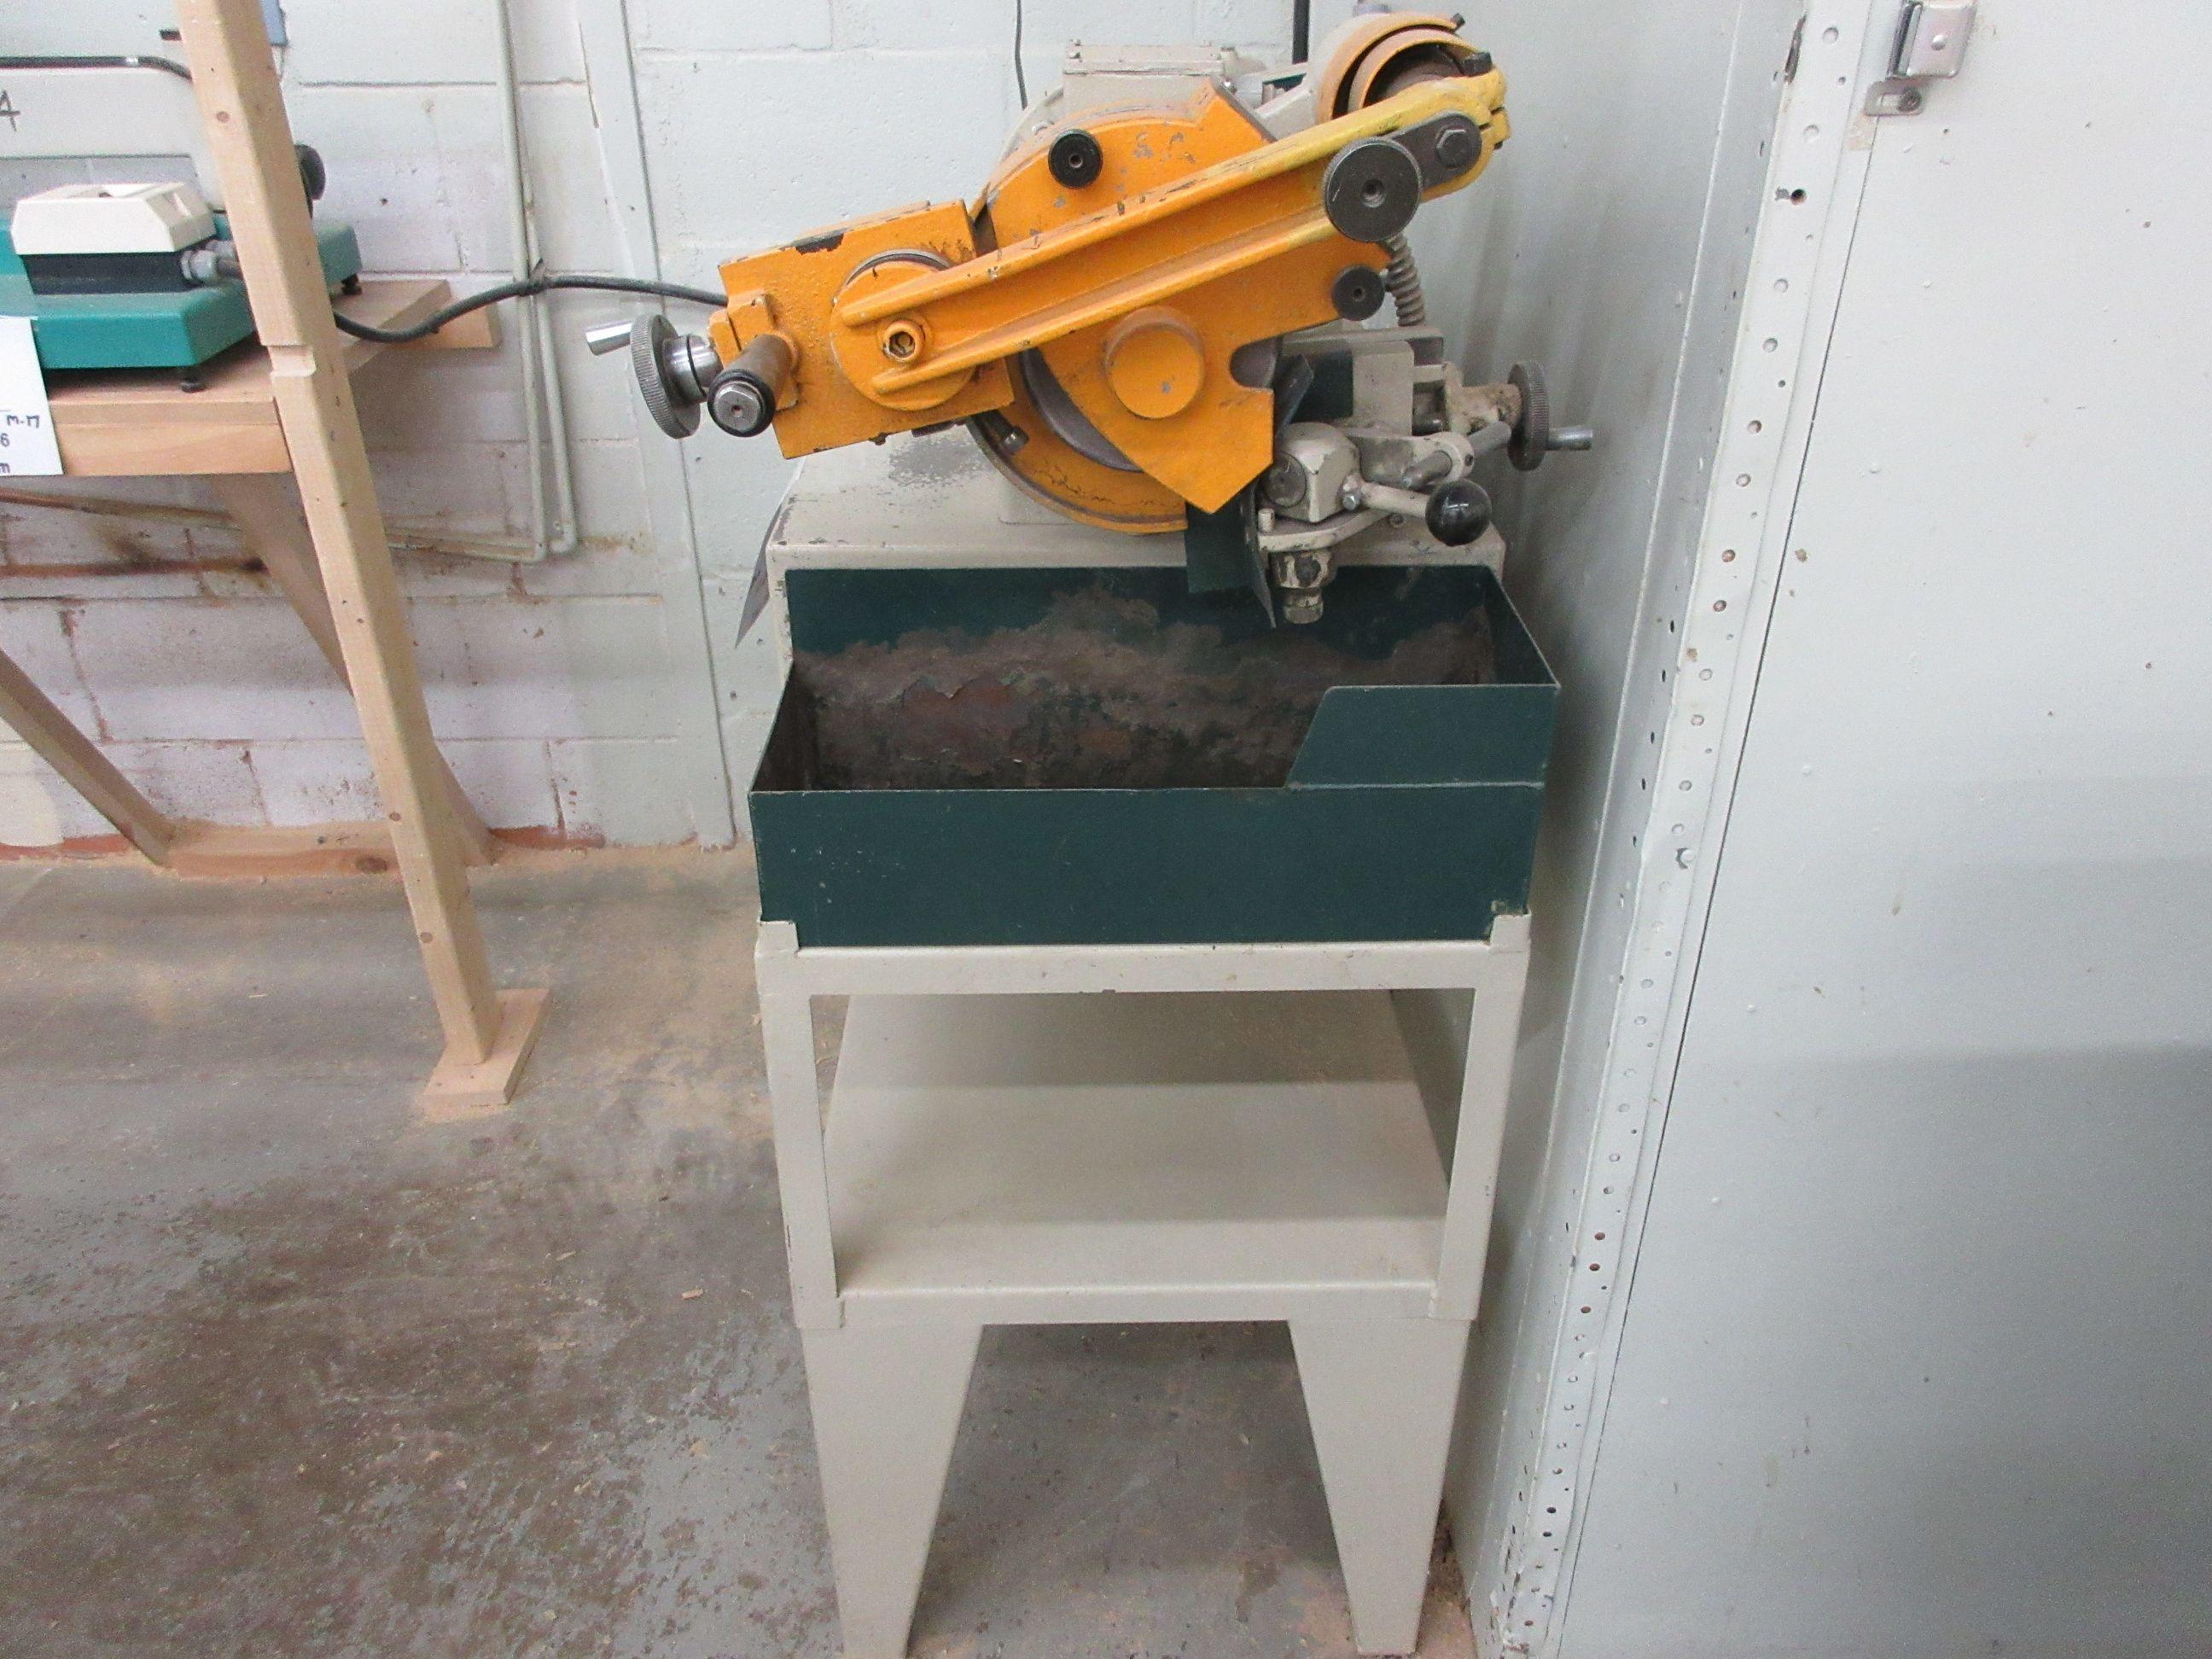 FRAMA grinder/sharpener, Mod: ATC, 600 volts - Image 4 of 6